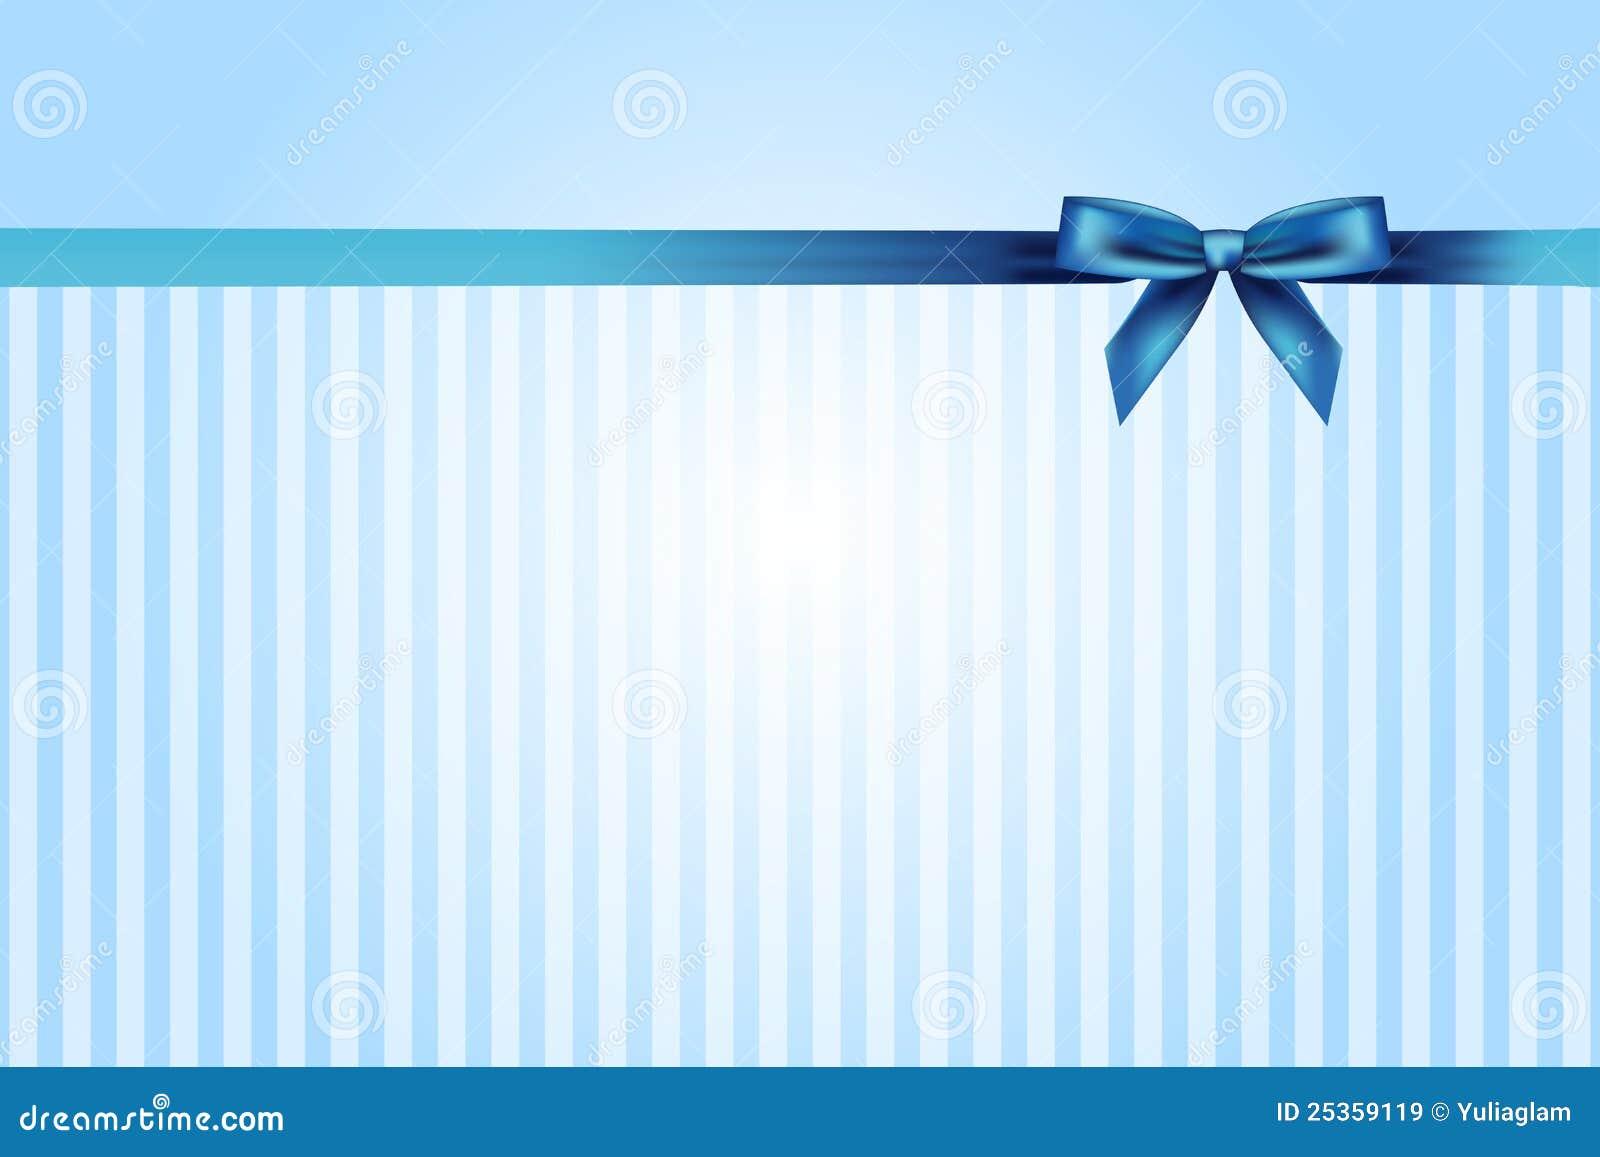 Blauer Hintergrund mit Bogen